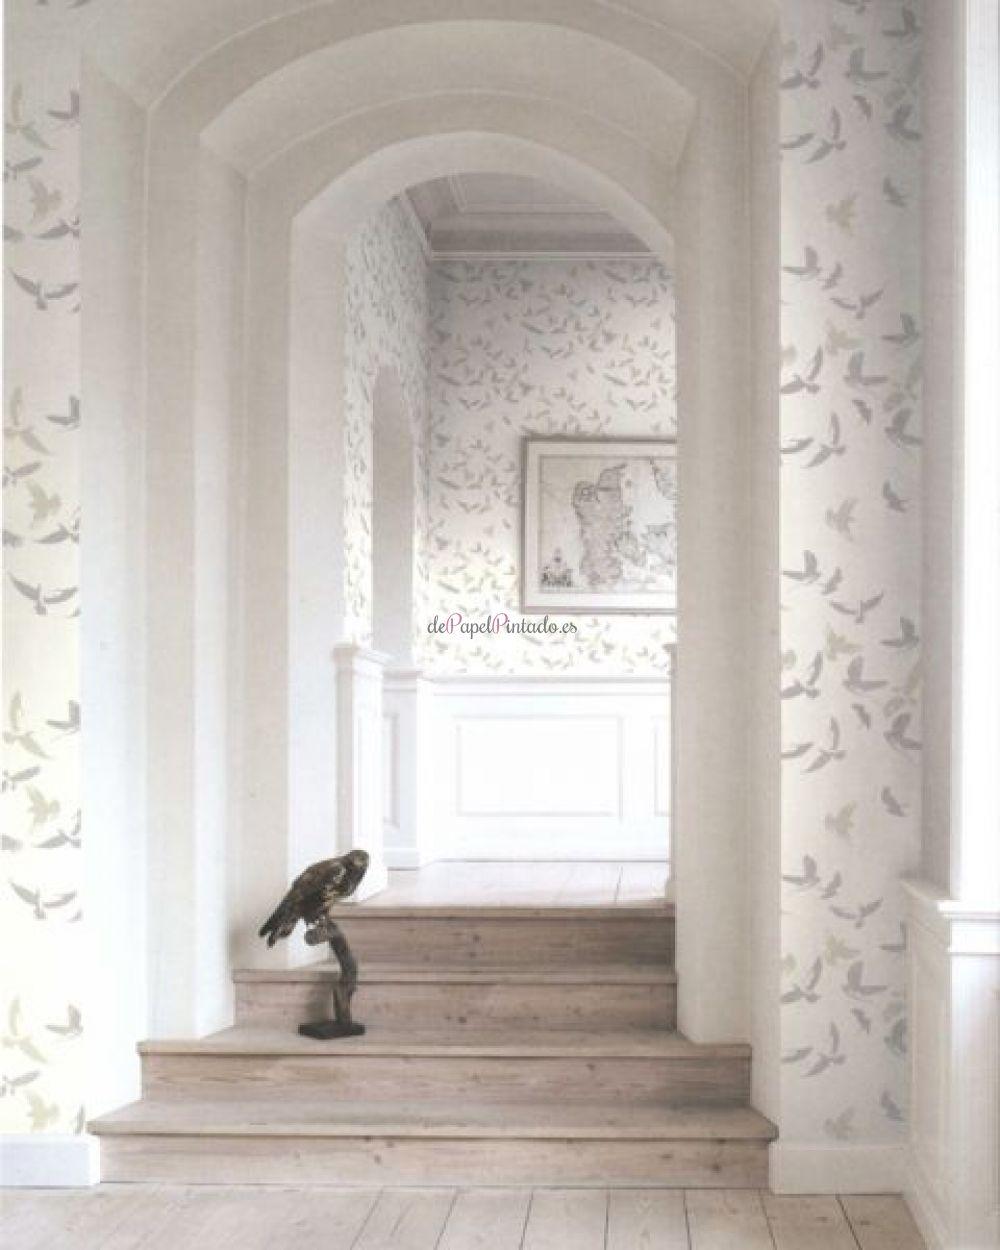 Fiona papel pintado fiona papel pintado fiona online - Papel pintado zaragoza ...